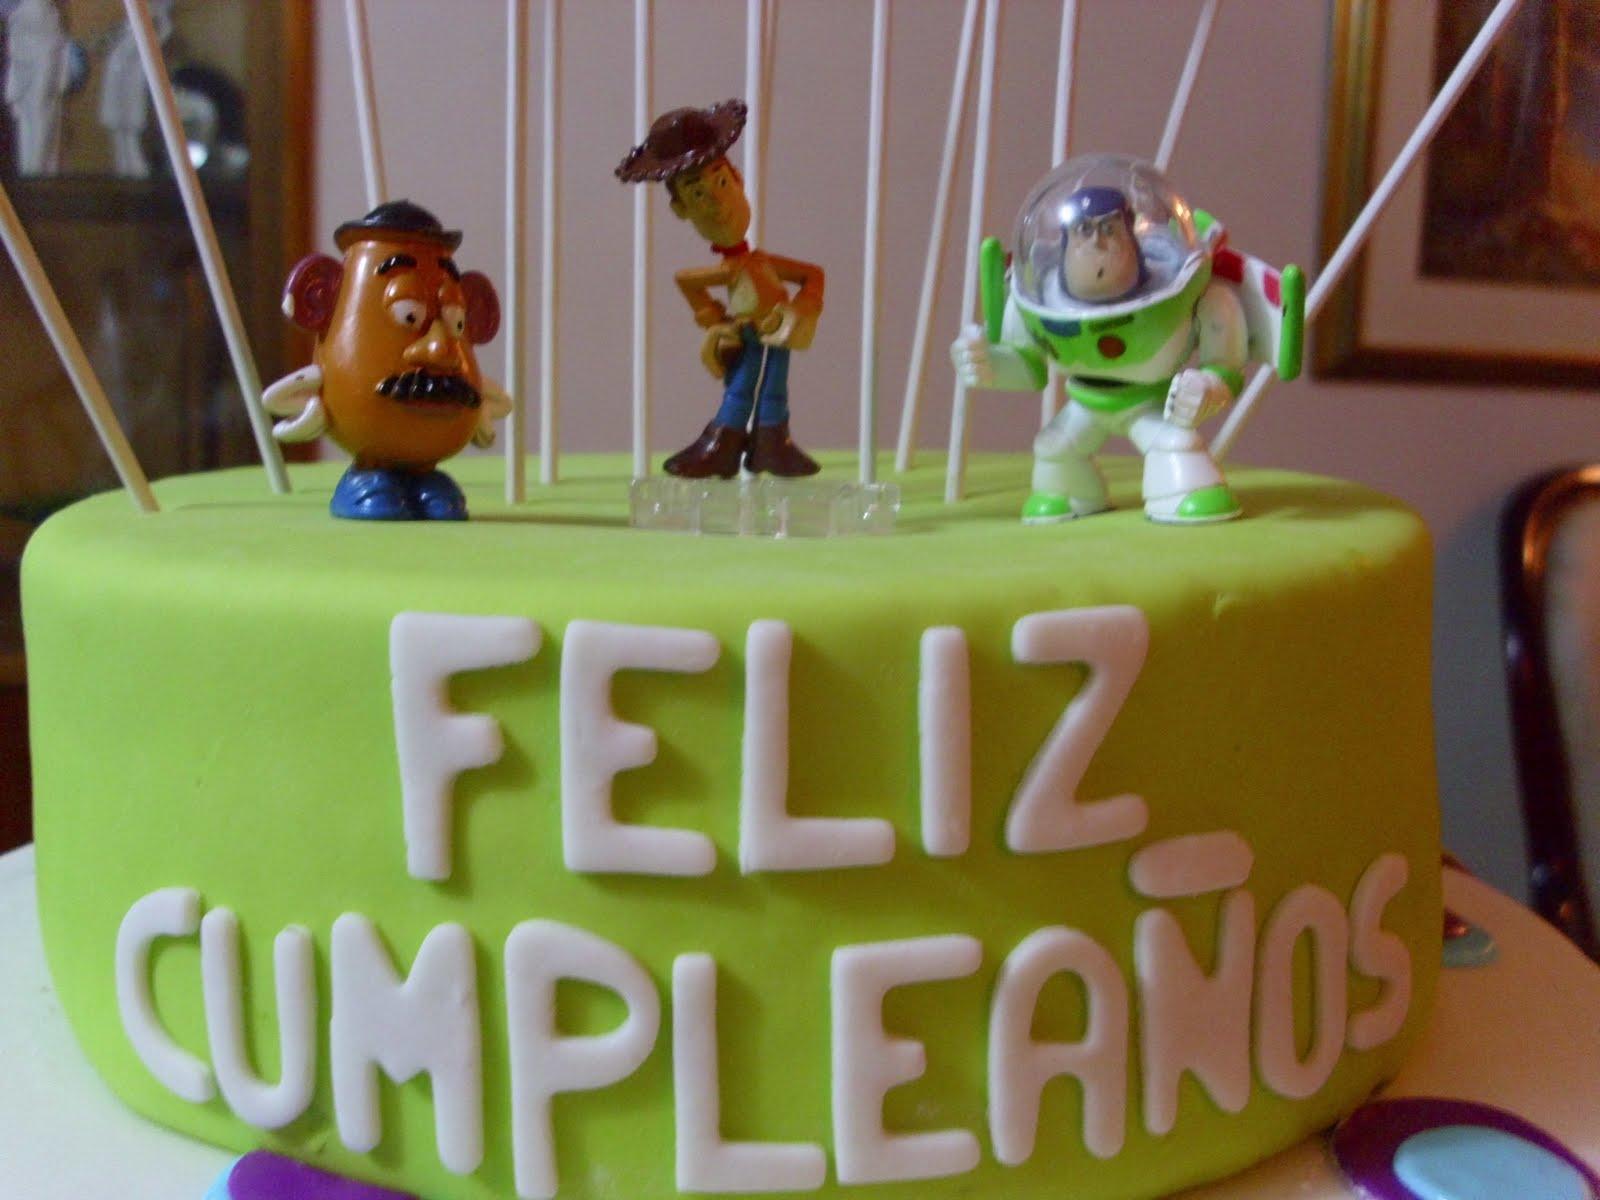 Fan De Toy Story De Nombre Sergio Tiene A 3 De Sus 14 Personajes Buzz